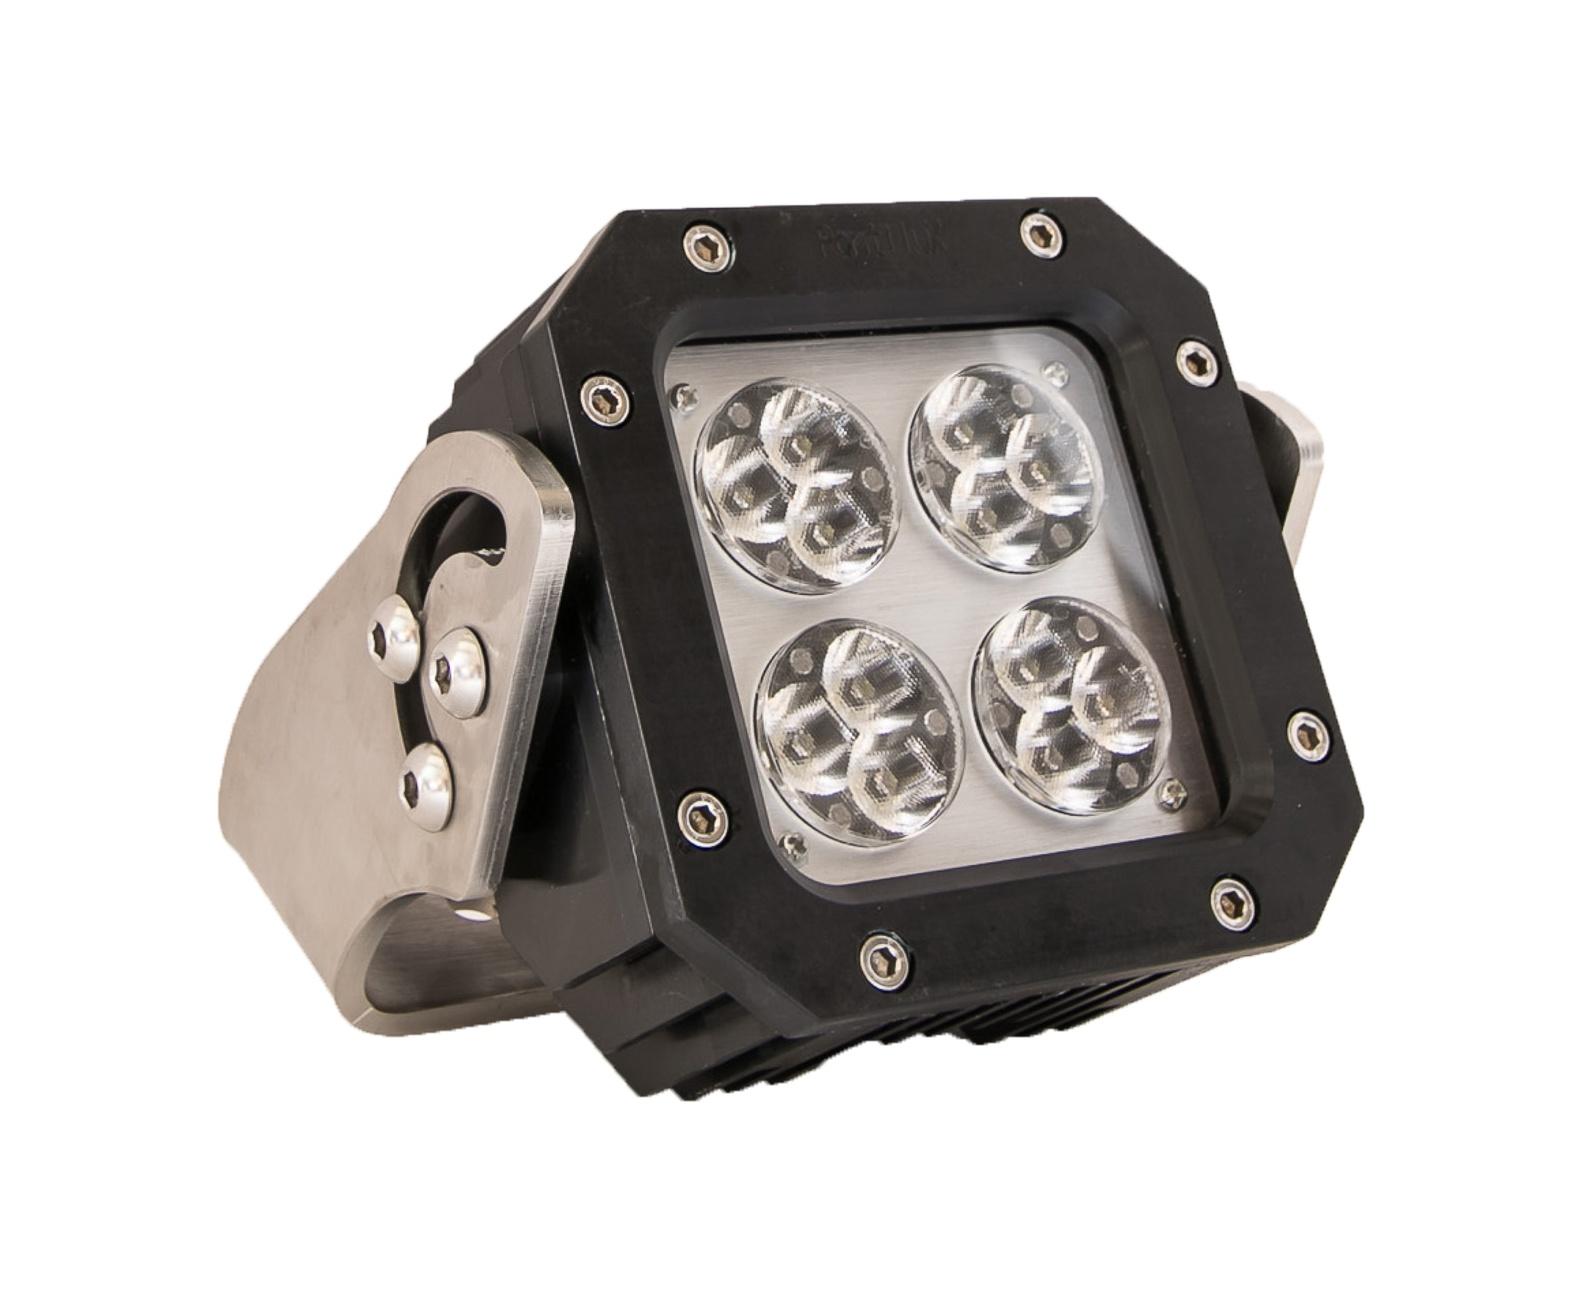 Px 12 Heavy Duty Led Light